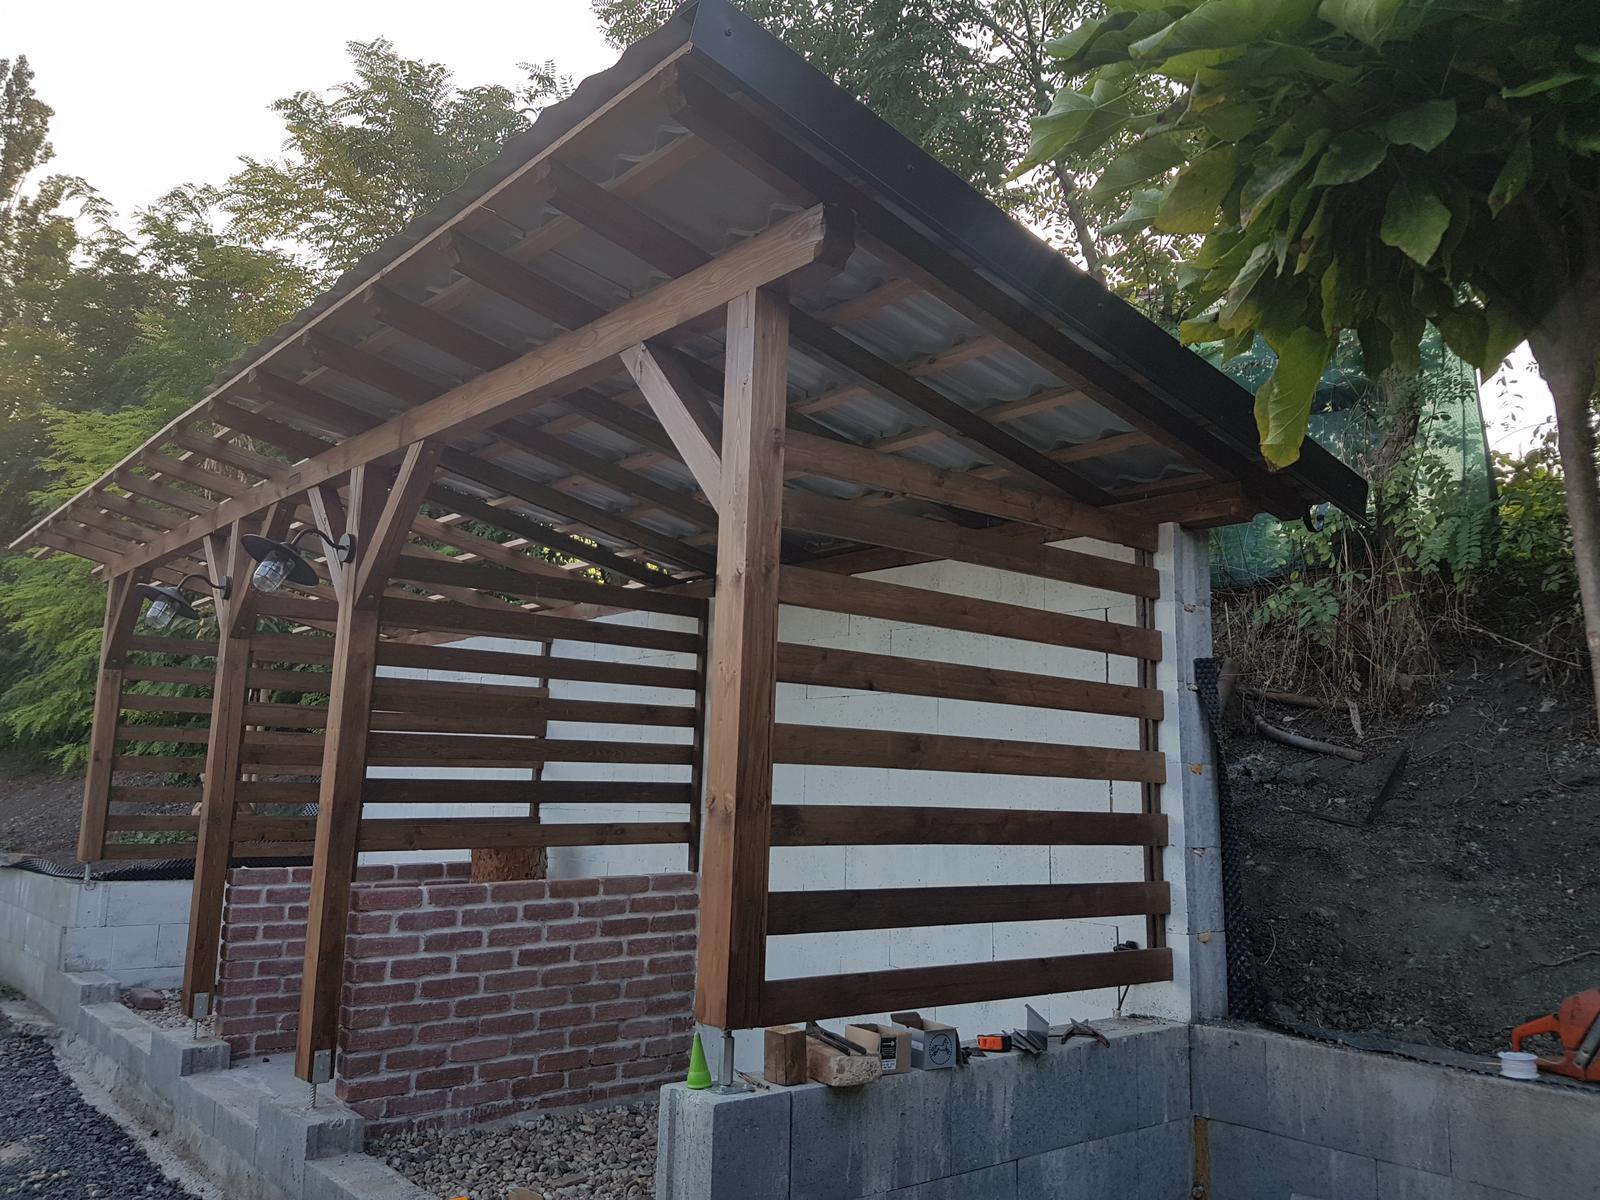 Drevník a kafé kútik - projekt roku  2018 - Oplechovanie a nahadzovanie strechy. Tak ako garažove stánie aj tu máme Satjam - čierny plech.